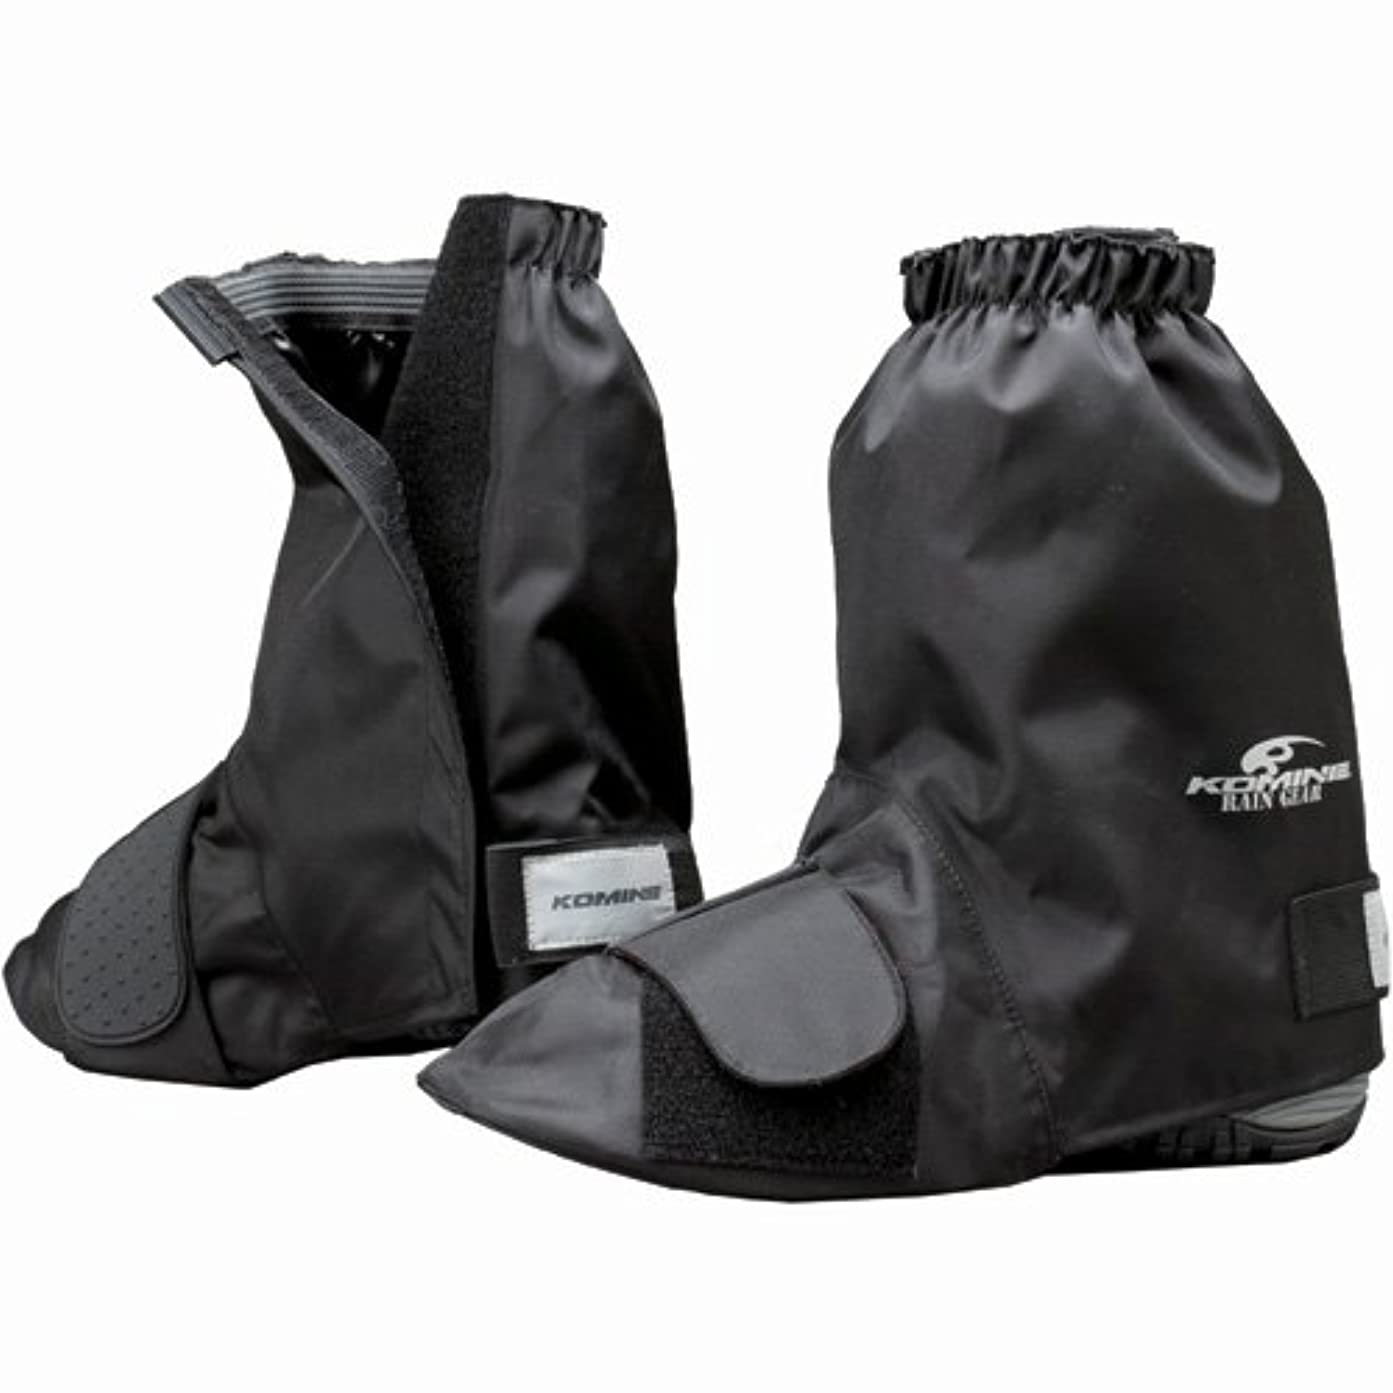 脆いコジオスコ上回るシューズカバー 靴カバー レインカバー 防水 梅雨対策 滑り止め PVC 男女兼用 通勤通学 携帯便利 ロング コンパクト ブーツカバー レインシューズカバー